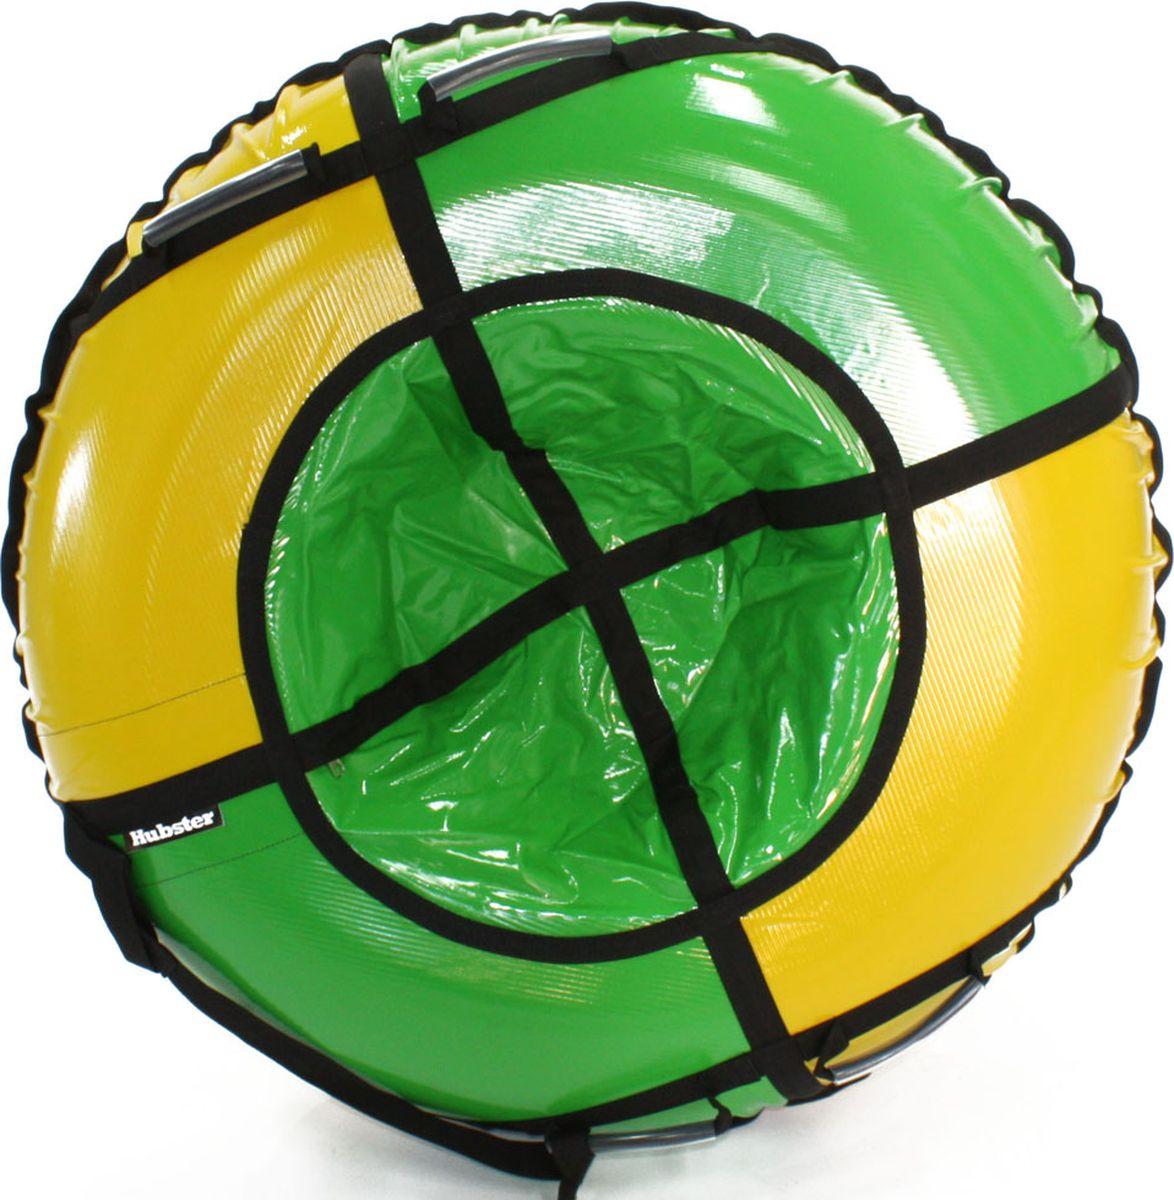 Тюбинг Hubster Sport Plus, цвет: желтый, зеленый, диаметр 90 смво4190-3Любимая детская зимняя забава - это кататься с горки. А катание на тюбинге надолго запомнится вам и вашим близким. Свежий воздух, веселая компания, веселые развлечения - эти моменты вы будете вспоминать еще долгое время. Материал верха - ПВХ армированный, плотность 650 г/м .Материал дна - ПВХ (усиленная скользкая ткань), плотность 650 г/м.Диаметр в сдутом виде - 90 см.Диаметр в надутом виде - 79 см.Ручки усиленные (нашиты на дополнительную стропу)Кол-во ручек - 2 шт.Молния скрытая, на сиденье.Крепление троса - наружная петля.Длина троса - 1 метр.Нагрузка - 90 см - до 80 кг.Комплект поставки - ватрушка, трос, камера.Тюбинг не предназначен для буксировки механическими или транспортными средствами (подъемники, канатные дороги, лебедки, автомобиль, снегоход, квадроцикл и т.д.)